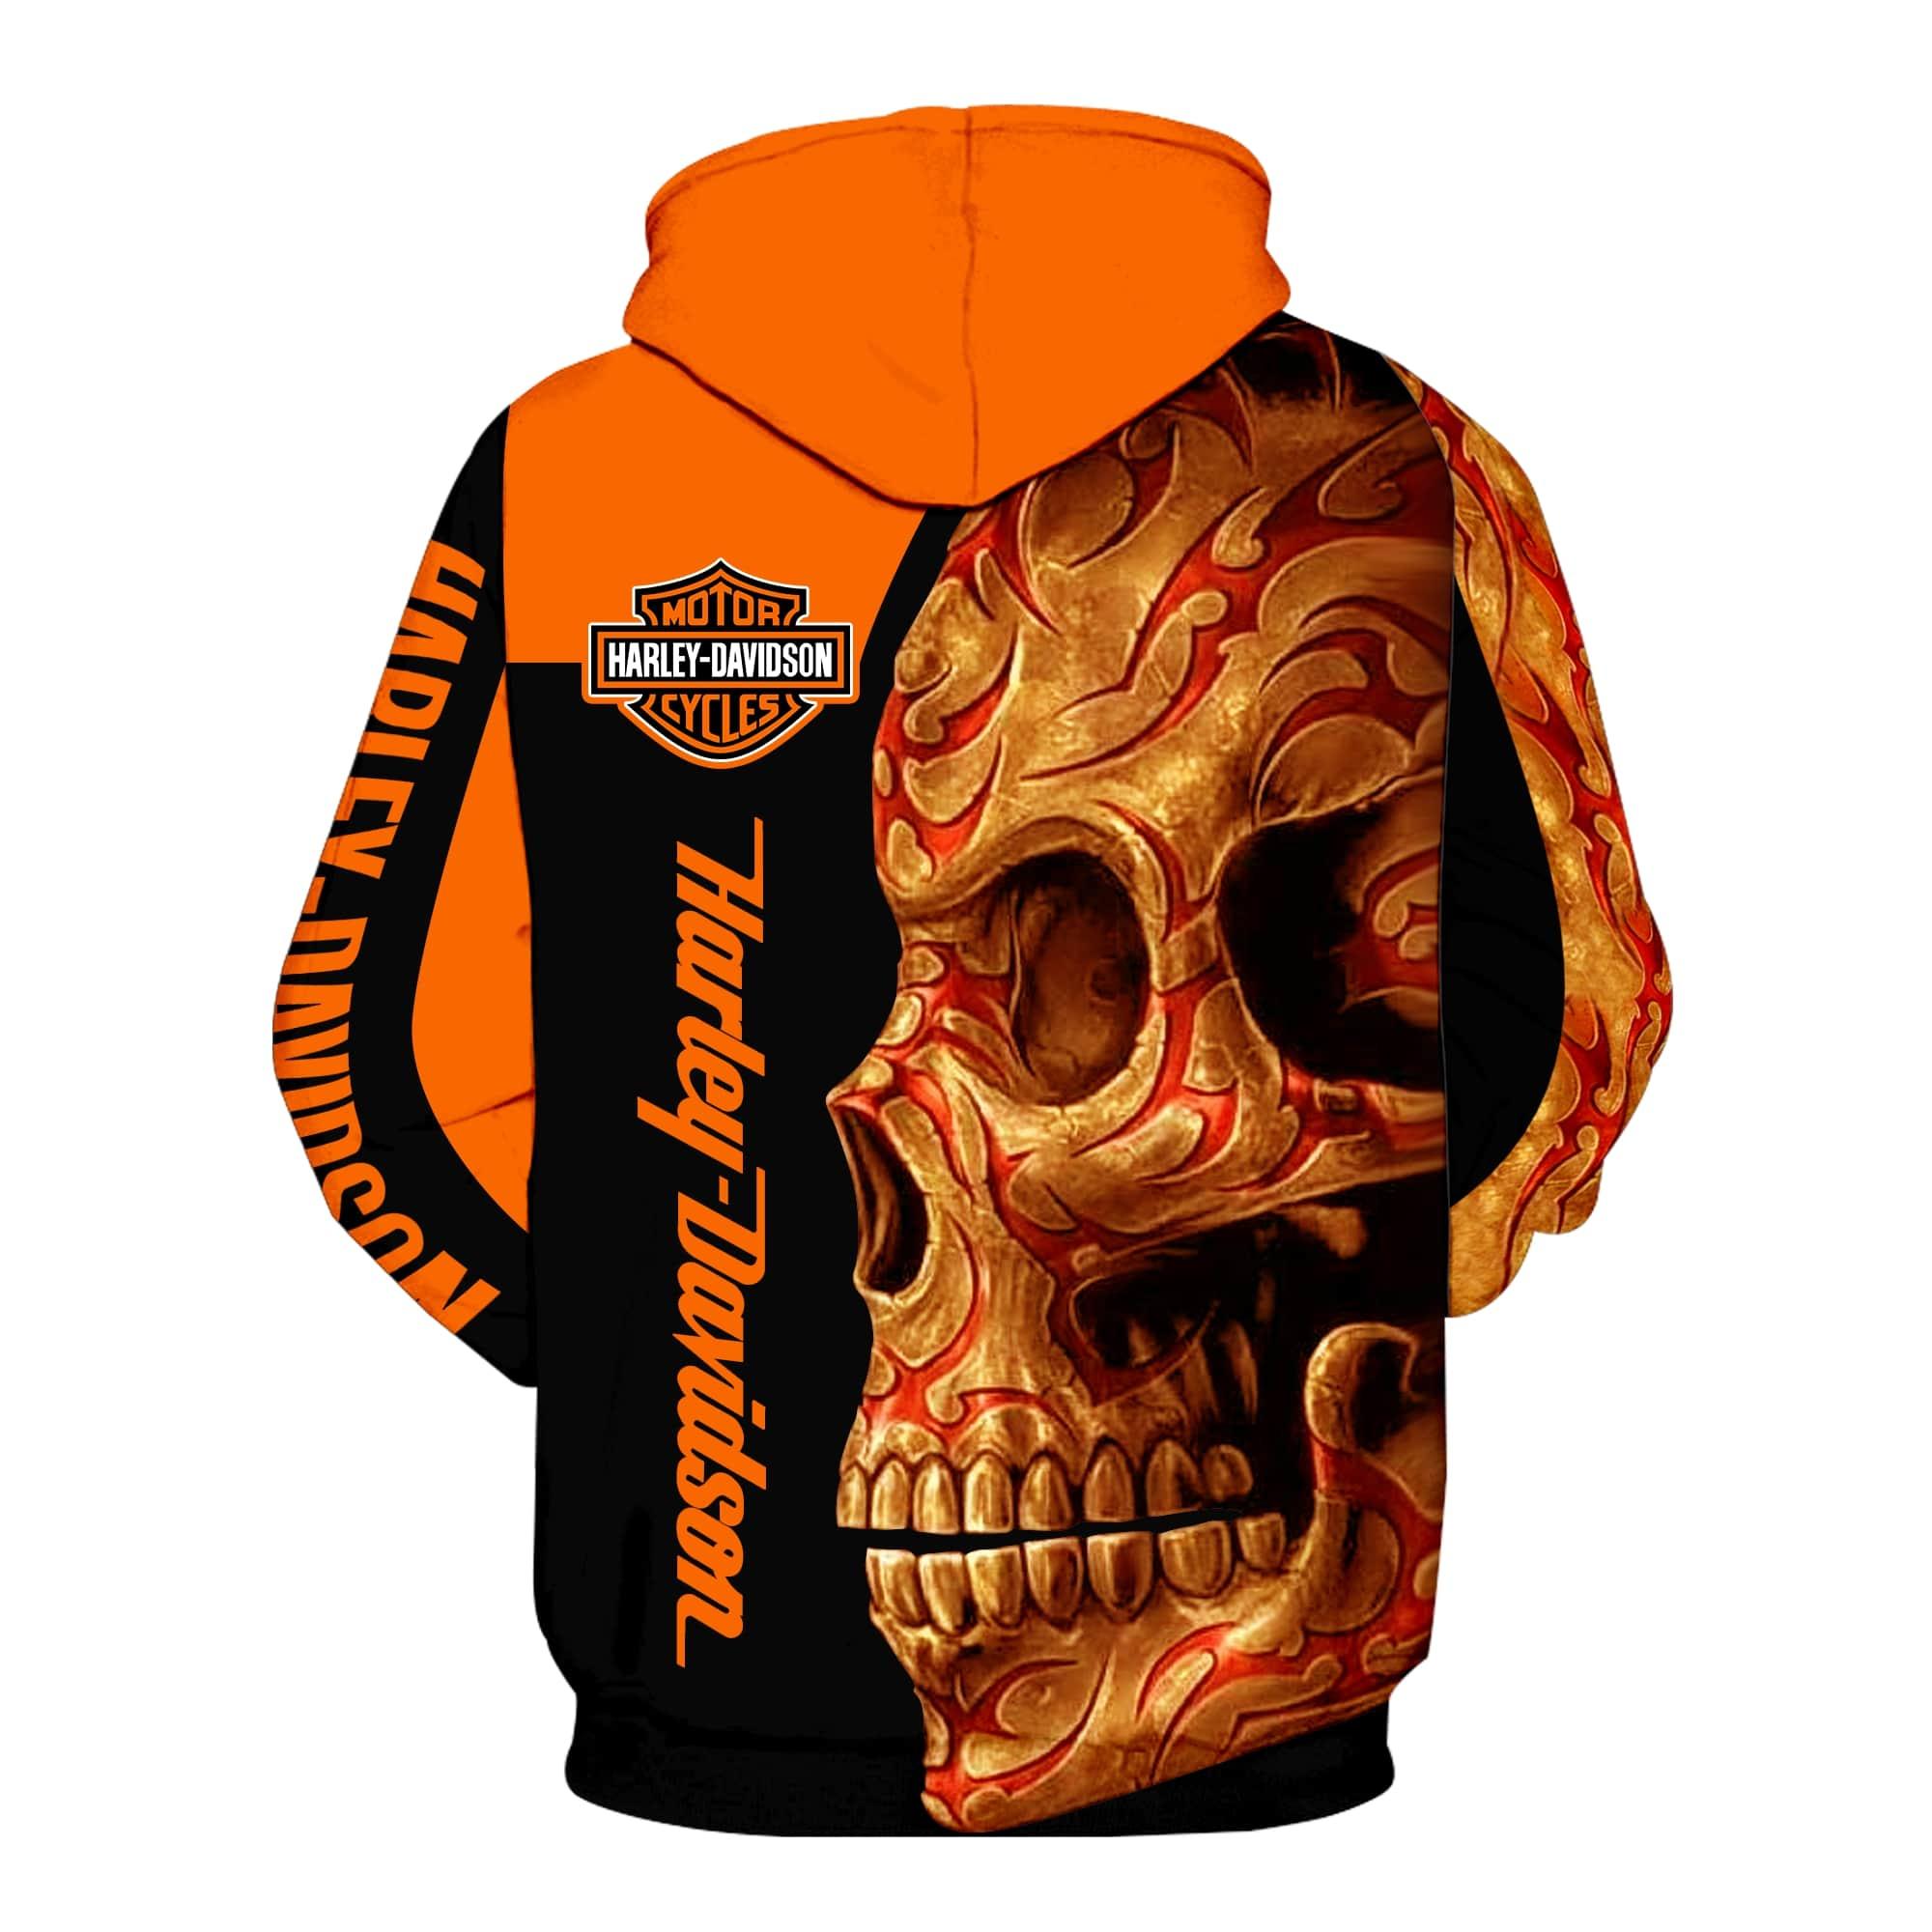 Harley-davidson motorcycle sugar skull full printing hoodie 2